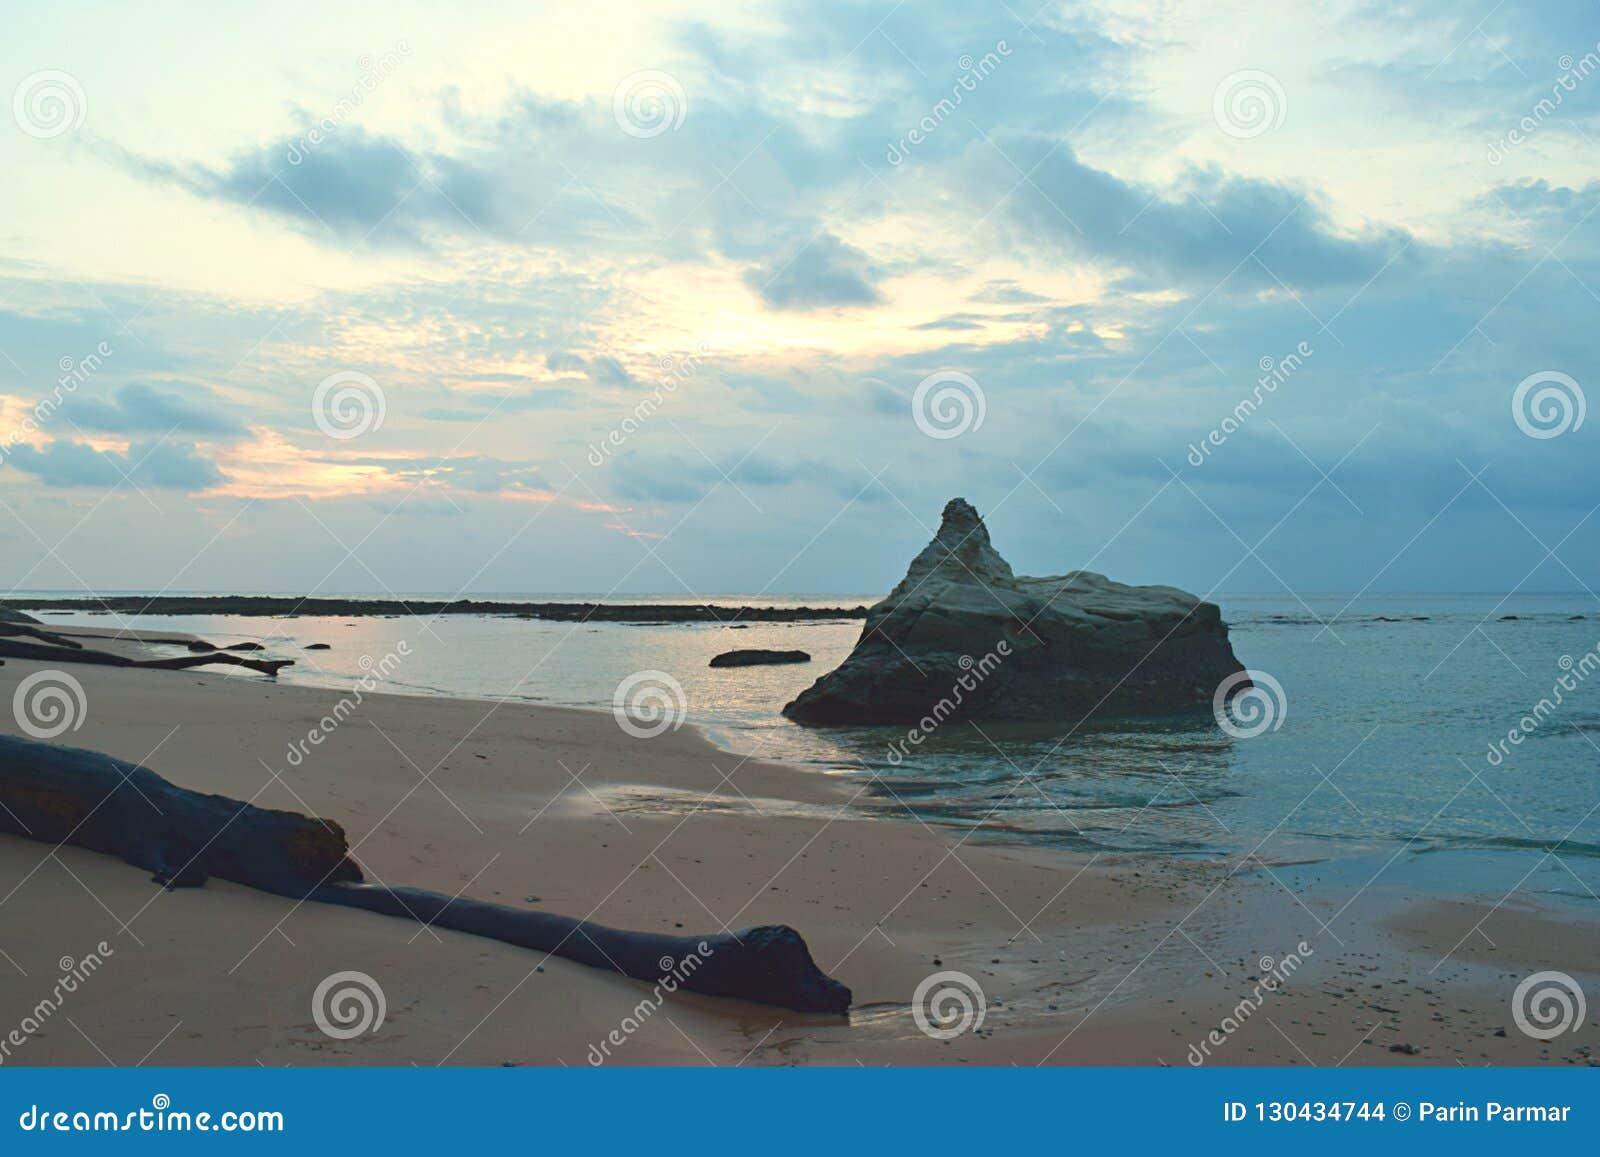 Ein großer Stein im Wasser des ruhigen Sees bei ursprünglichem Sandy Beach mit Farben im Morgen-bewölkten Himmel - Sitapur, Neil